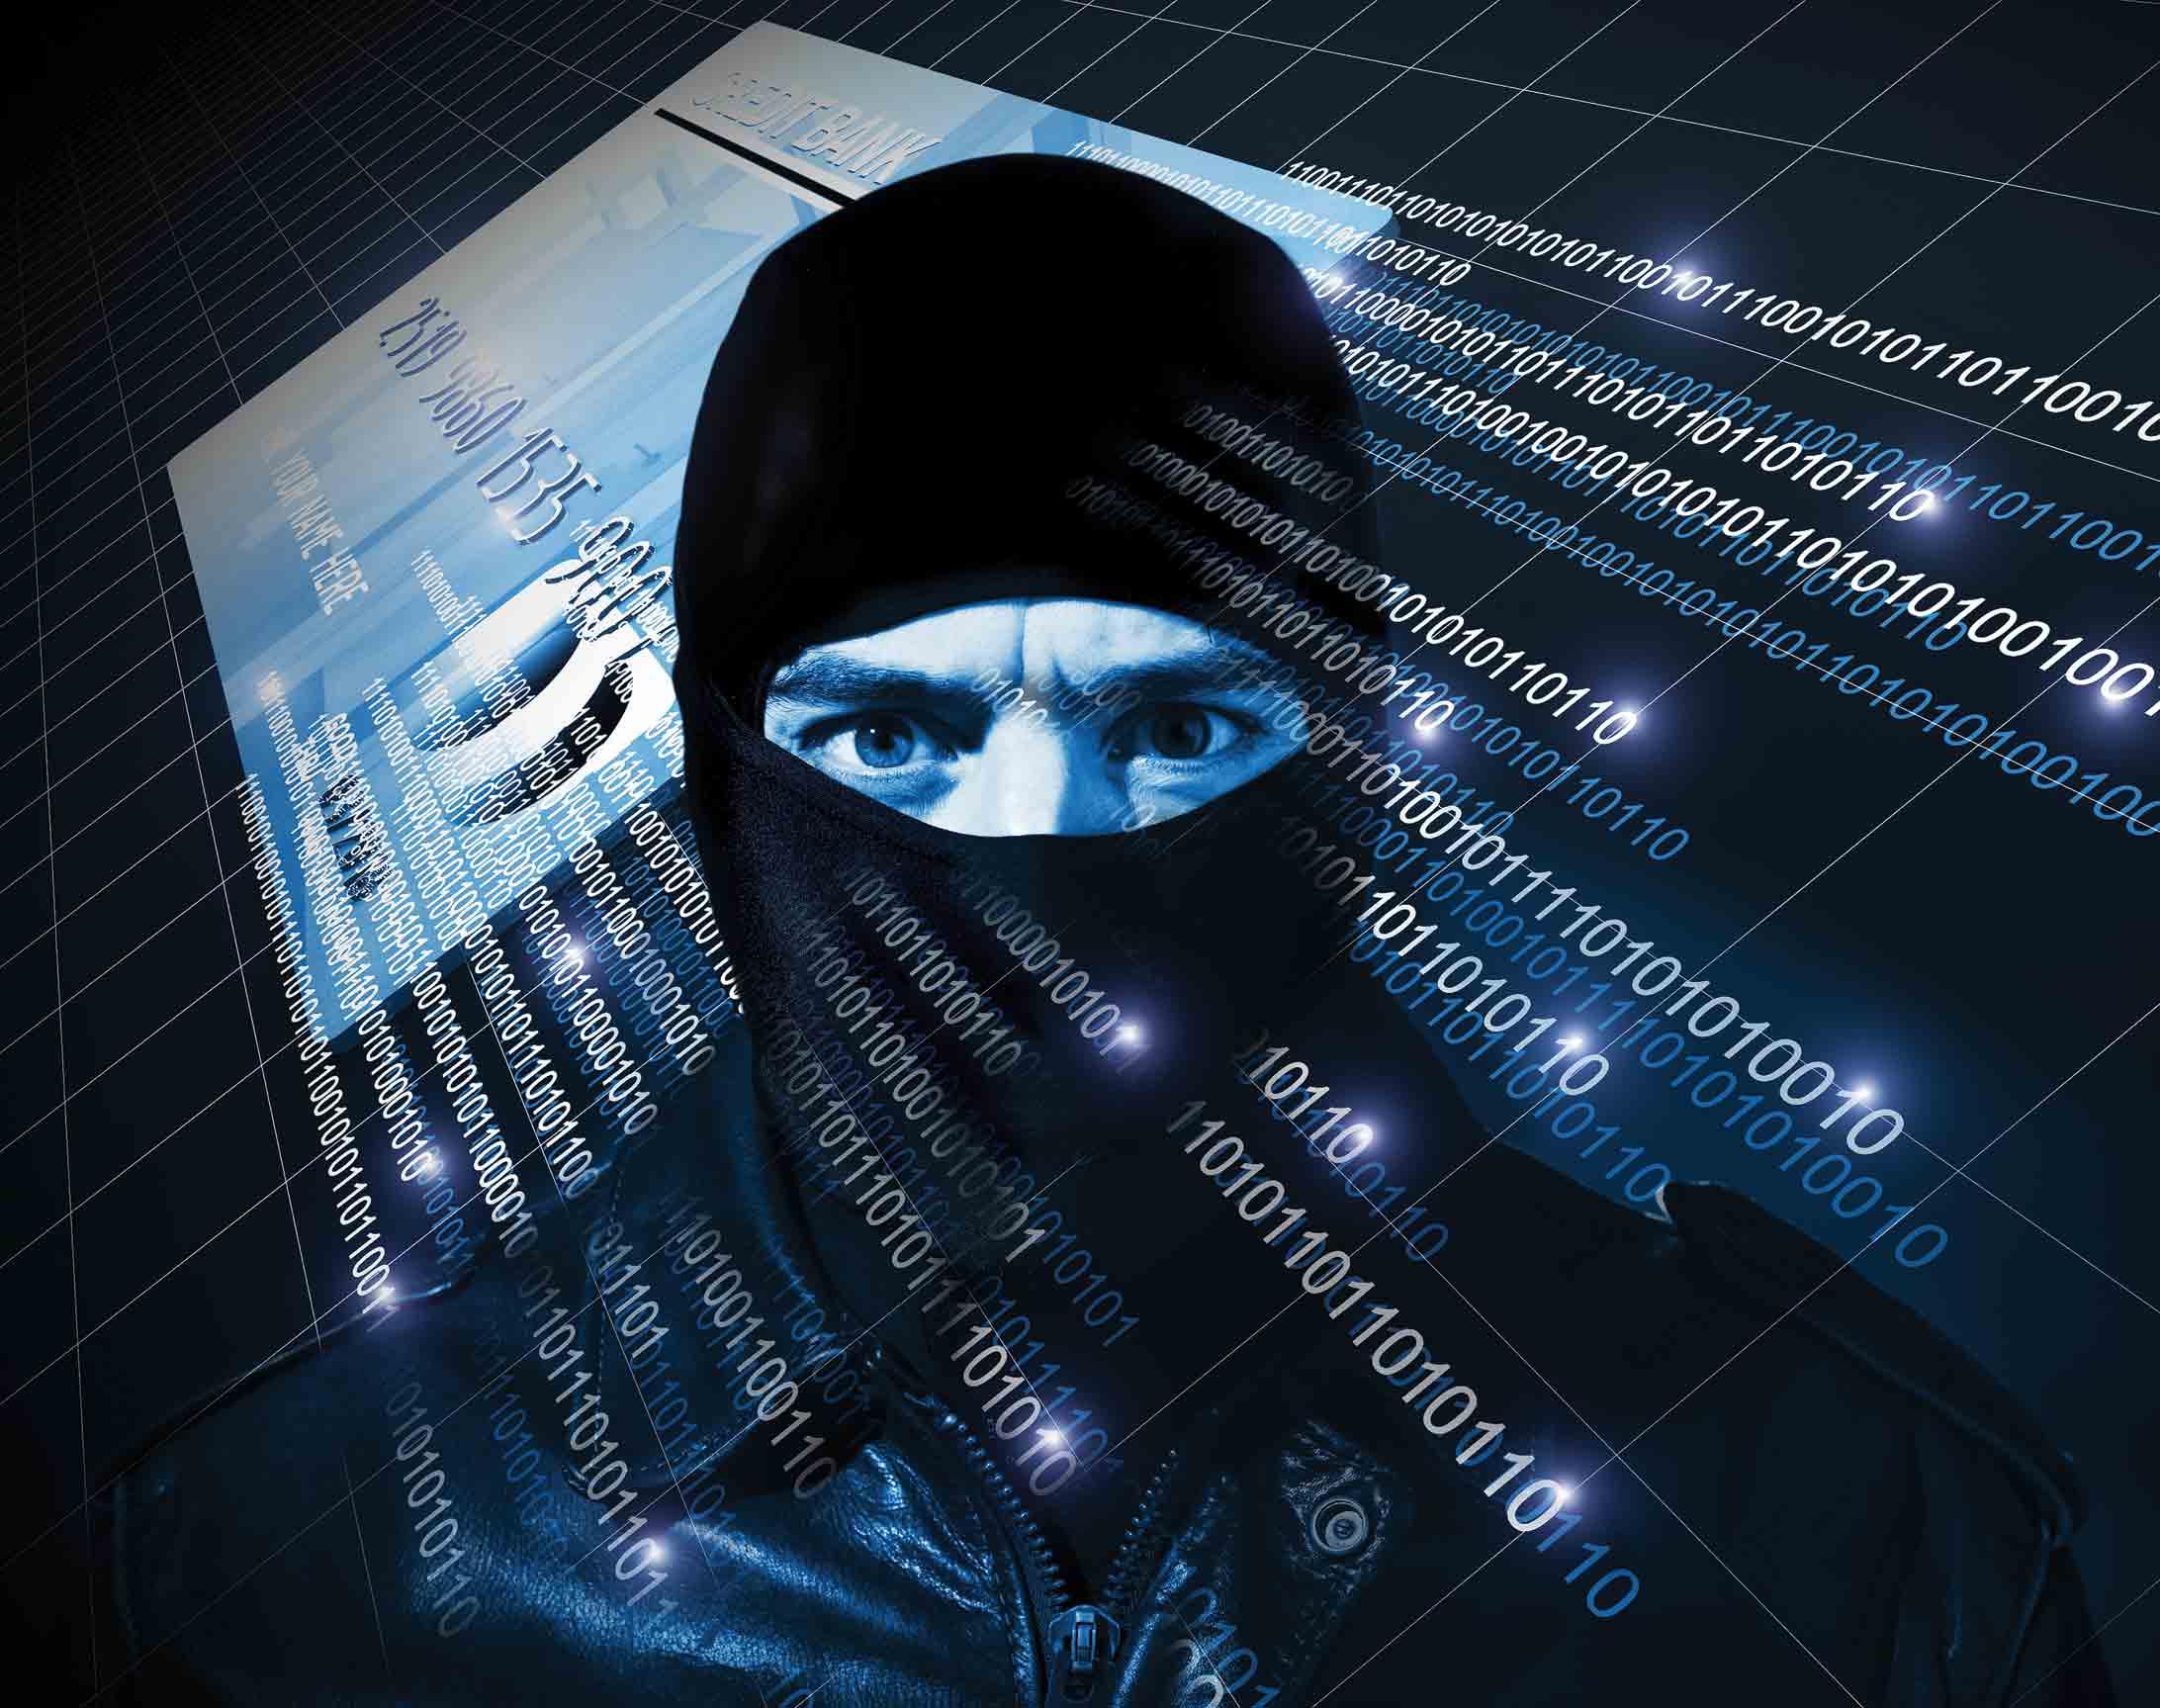 Một cuộc tấn công watering-hole bị phát hiện do một nhóm tình báo mạng thực hiện nhắm vào những cá nhân có liên quan đến các khu vực quân sự; nạn nhân bị chuyển hướng từ trang web của tổ chức ngân hàng lớn tới bộ khai thác lưu trữ tên miền liên quan tới quốc phòng.